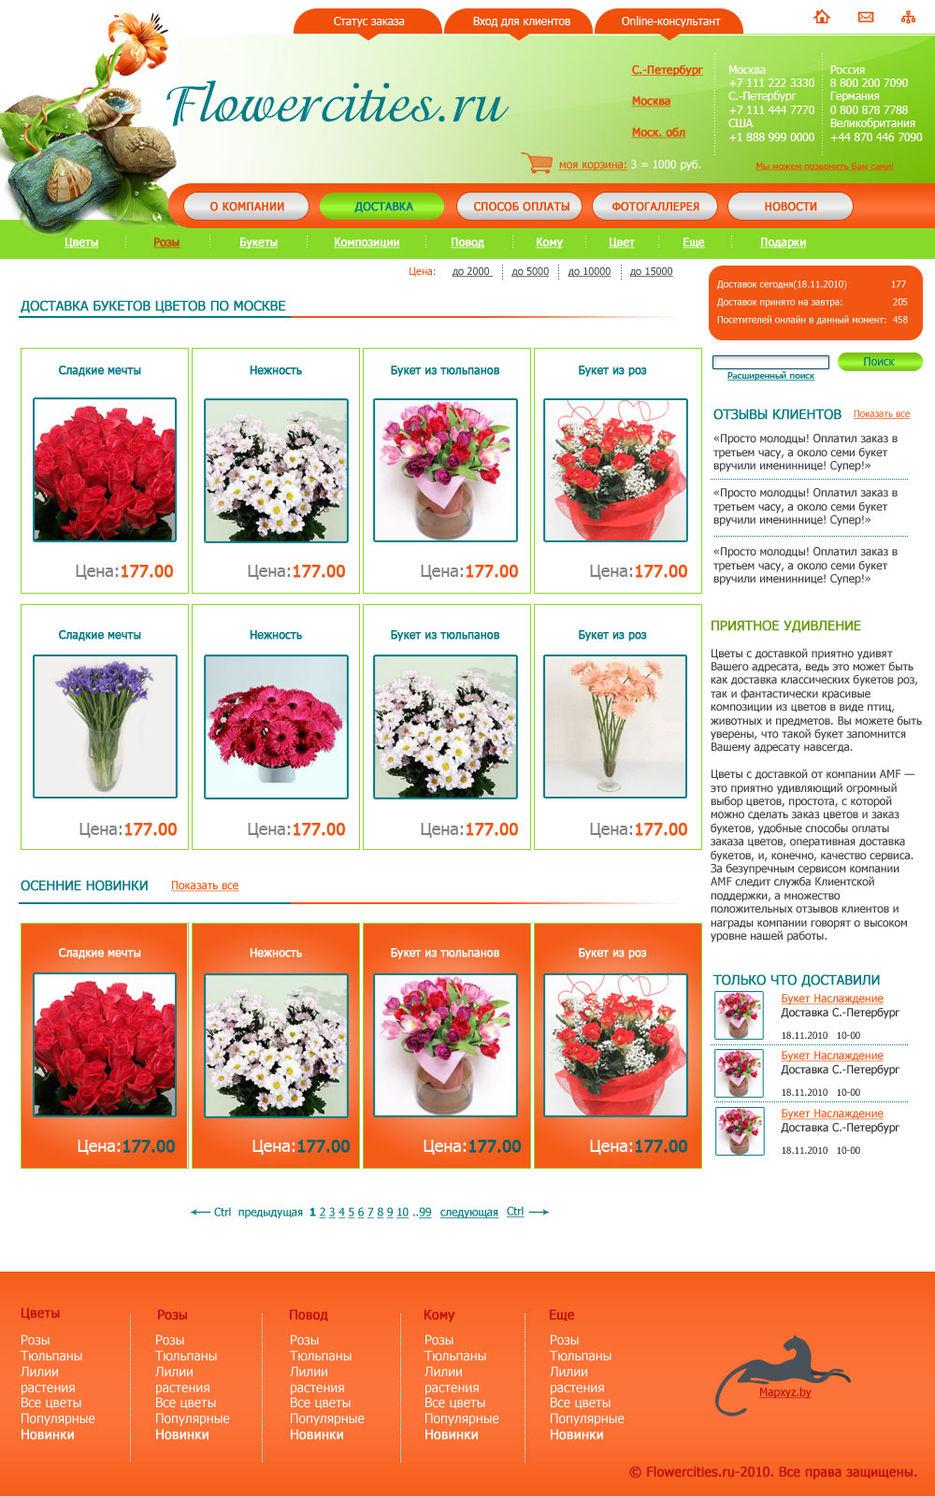 Доставка цветов в москве оплата картой